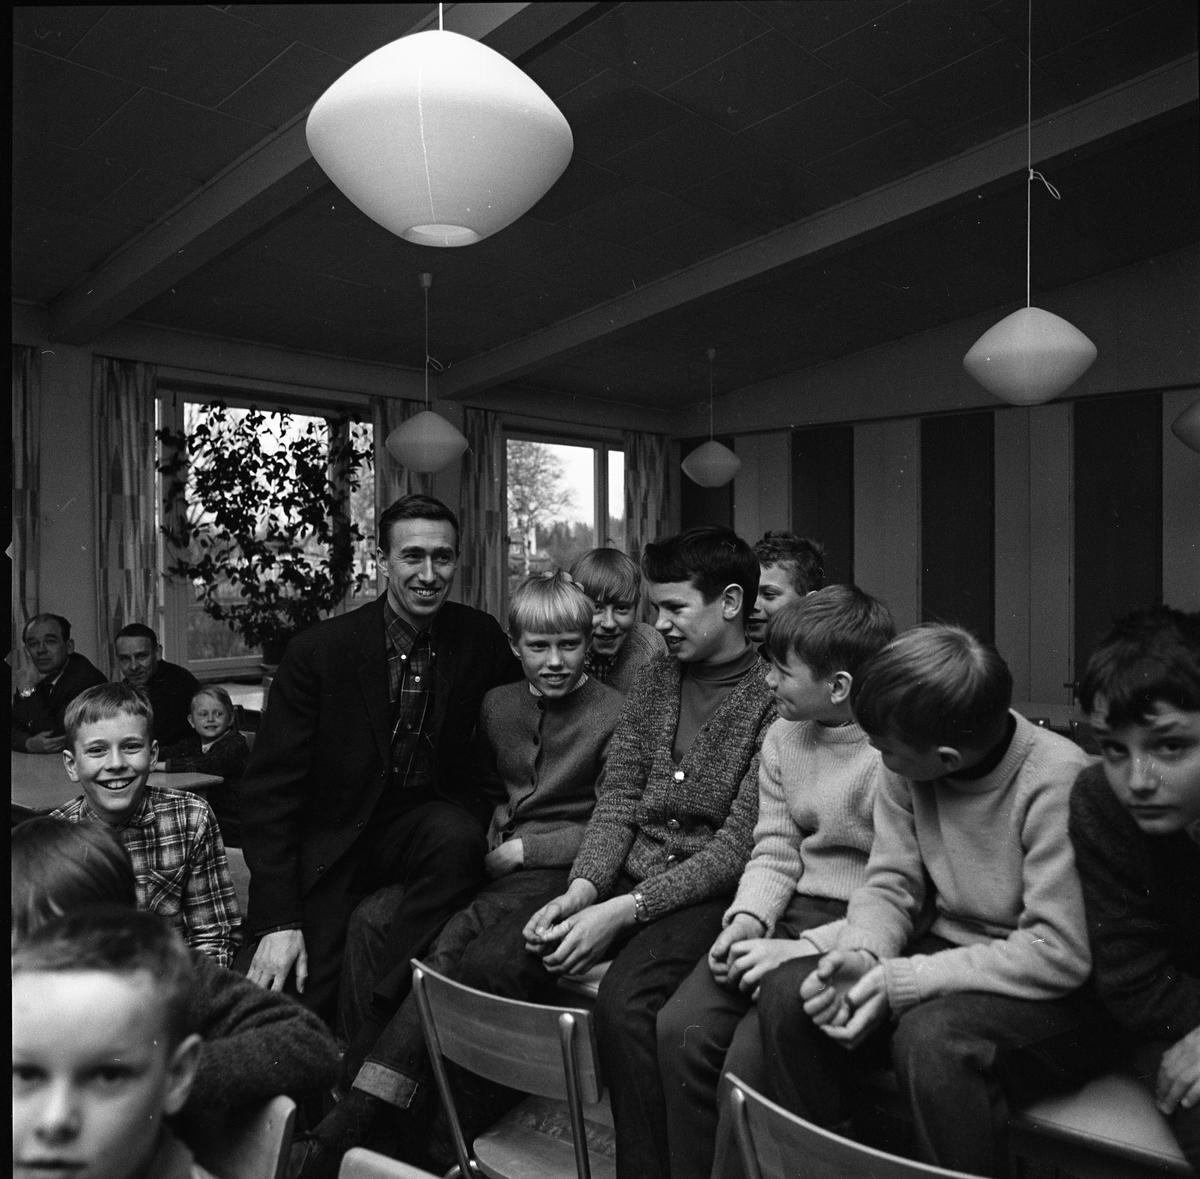 Arboga Orienteringsklubb har ungdomsträff. Man omgiven av pojkar. Två andra män skymtar i bakgrunden. Mannen är Lennart Öberg, orienterare. Bilden är tagen i Gäddgårdsskolans matsal.